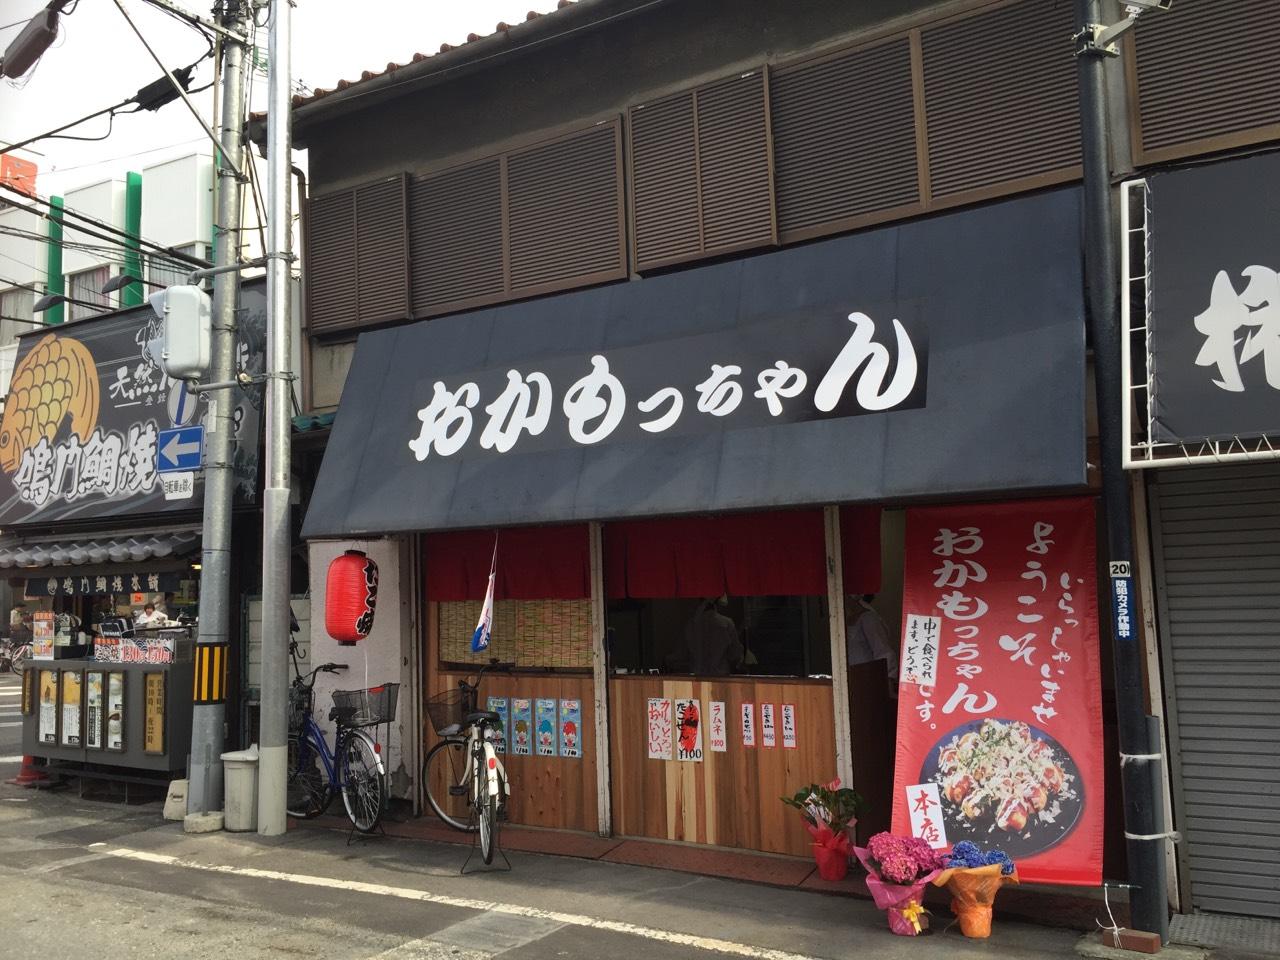 新 田 駅 鴻池